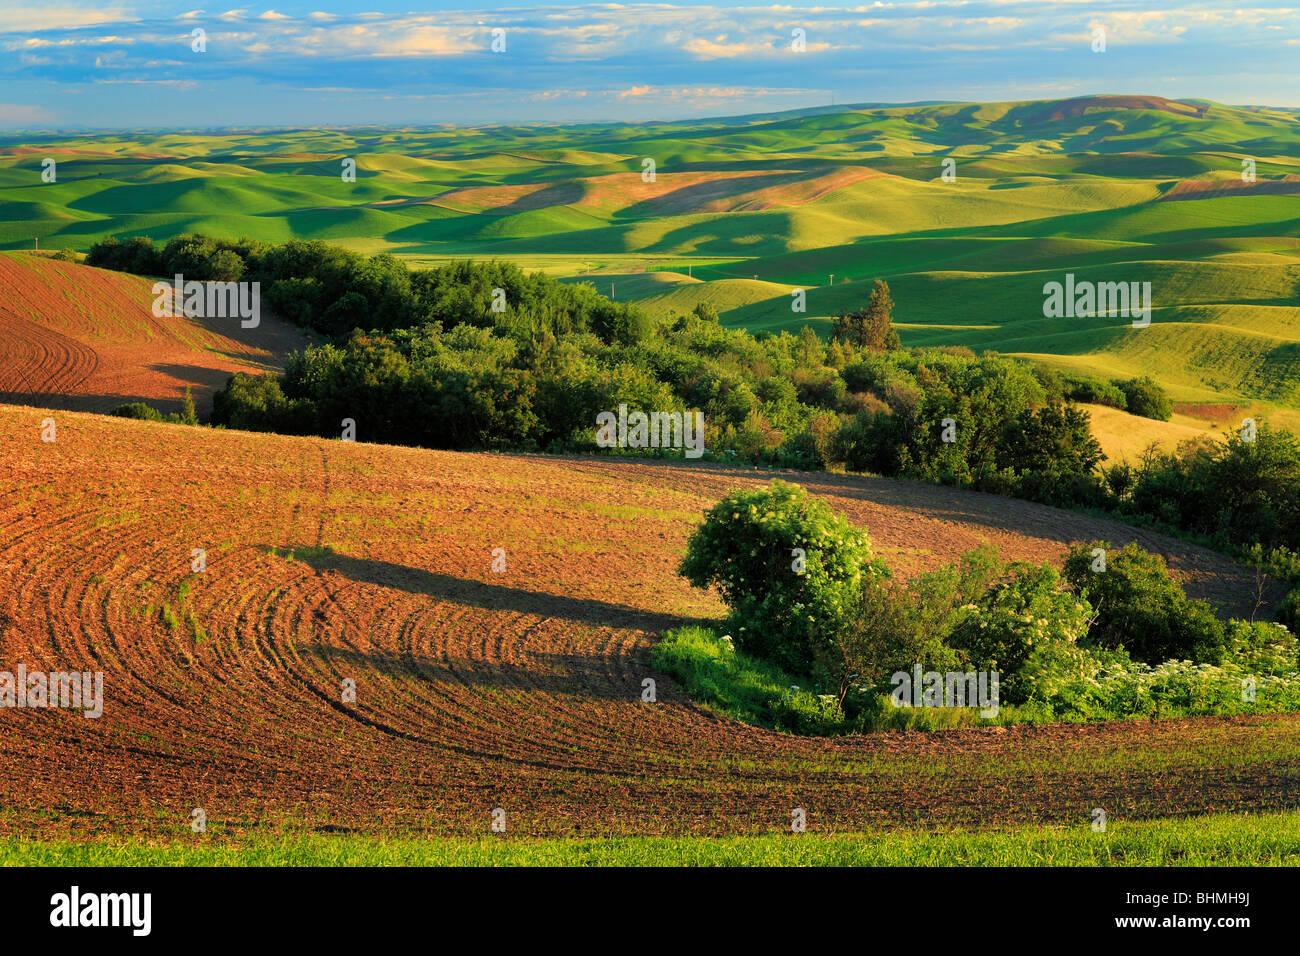 Farm fields from Steptoe Butte in the Palouse region of eastern Washington state - Stock Image